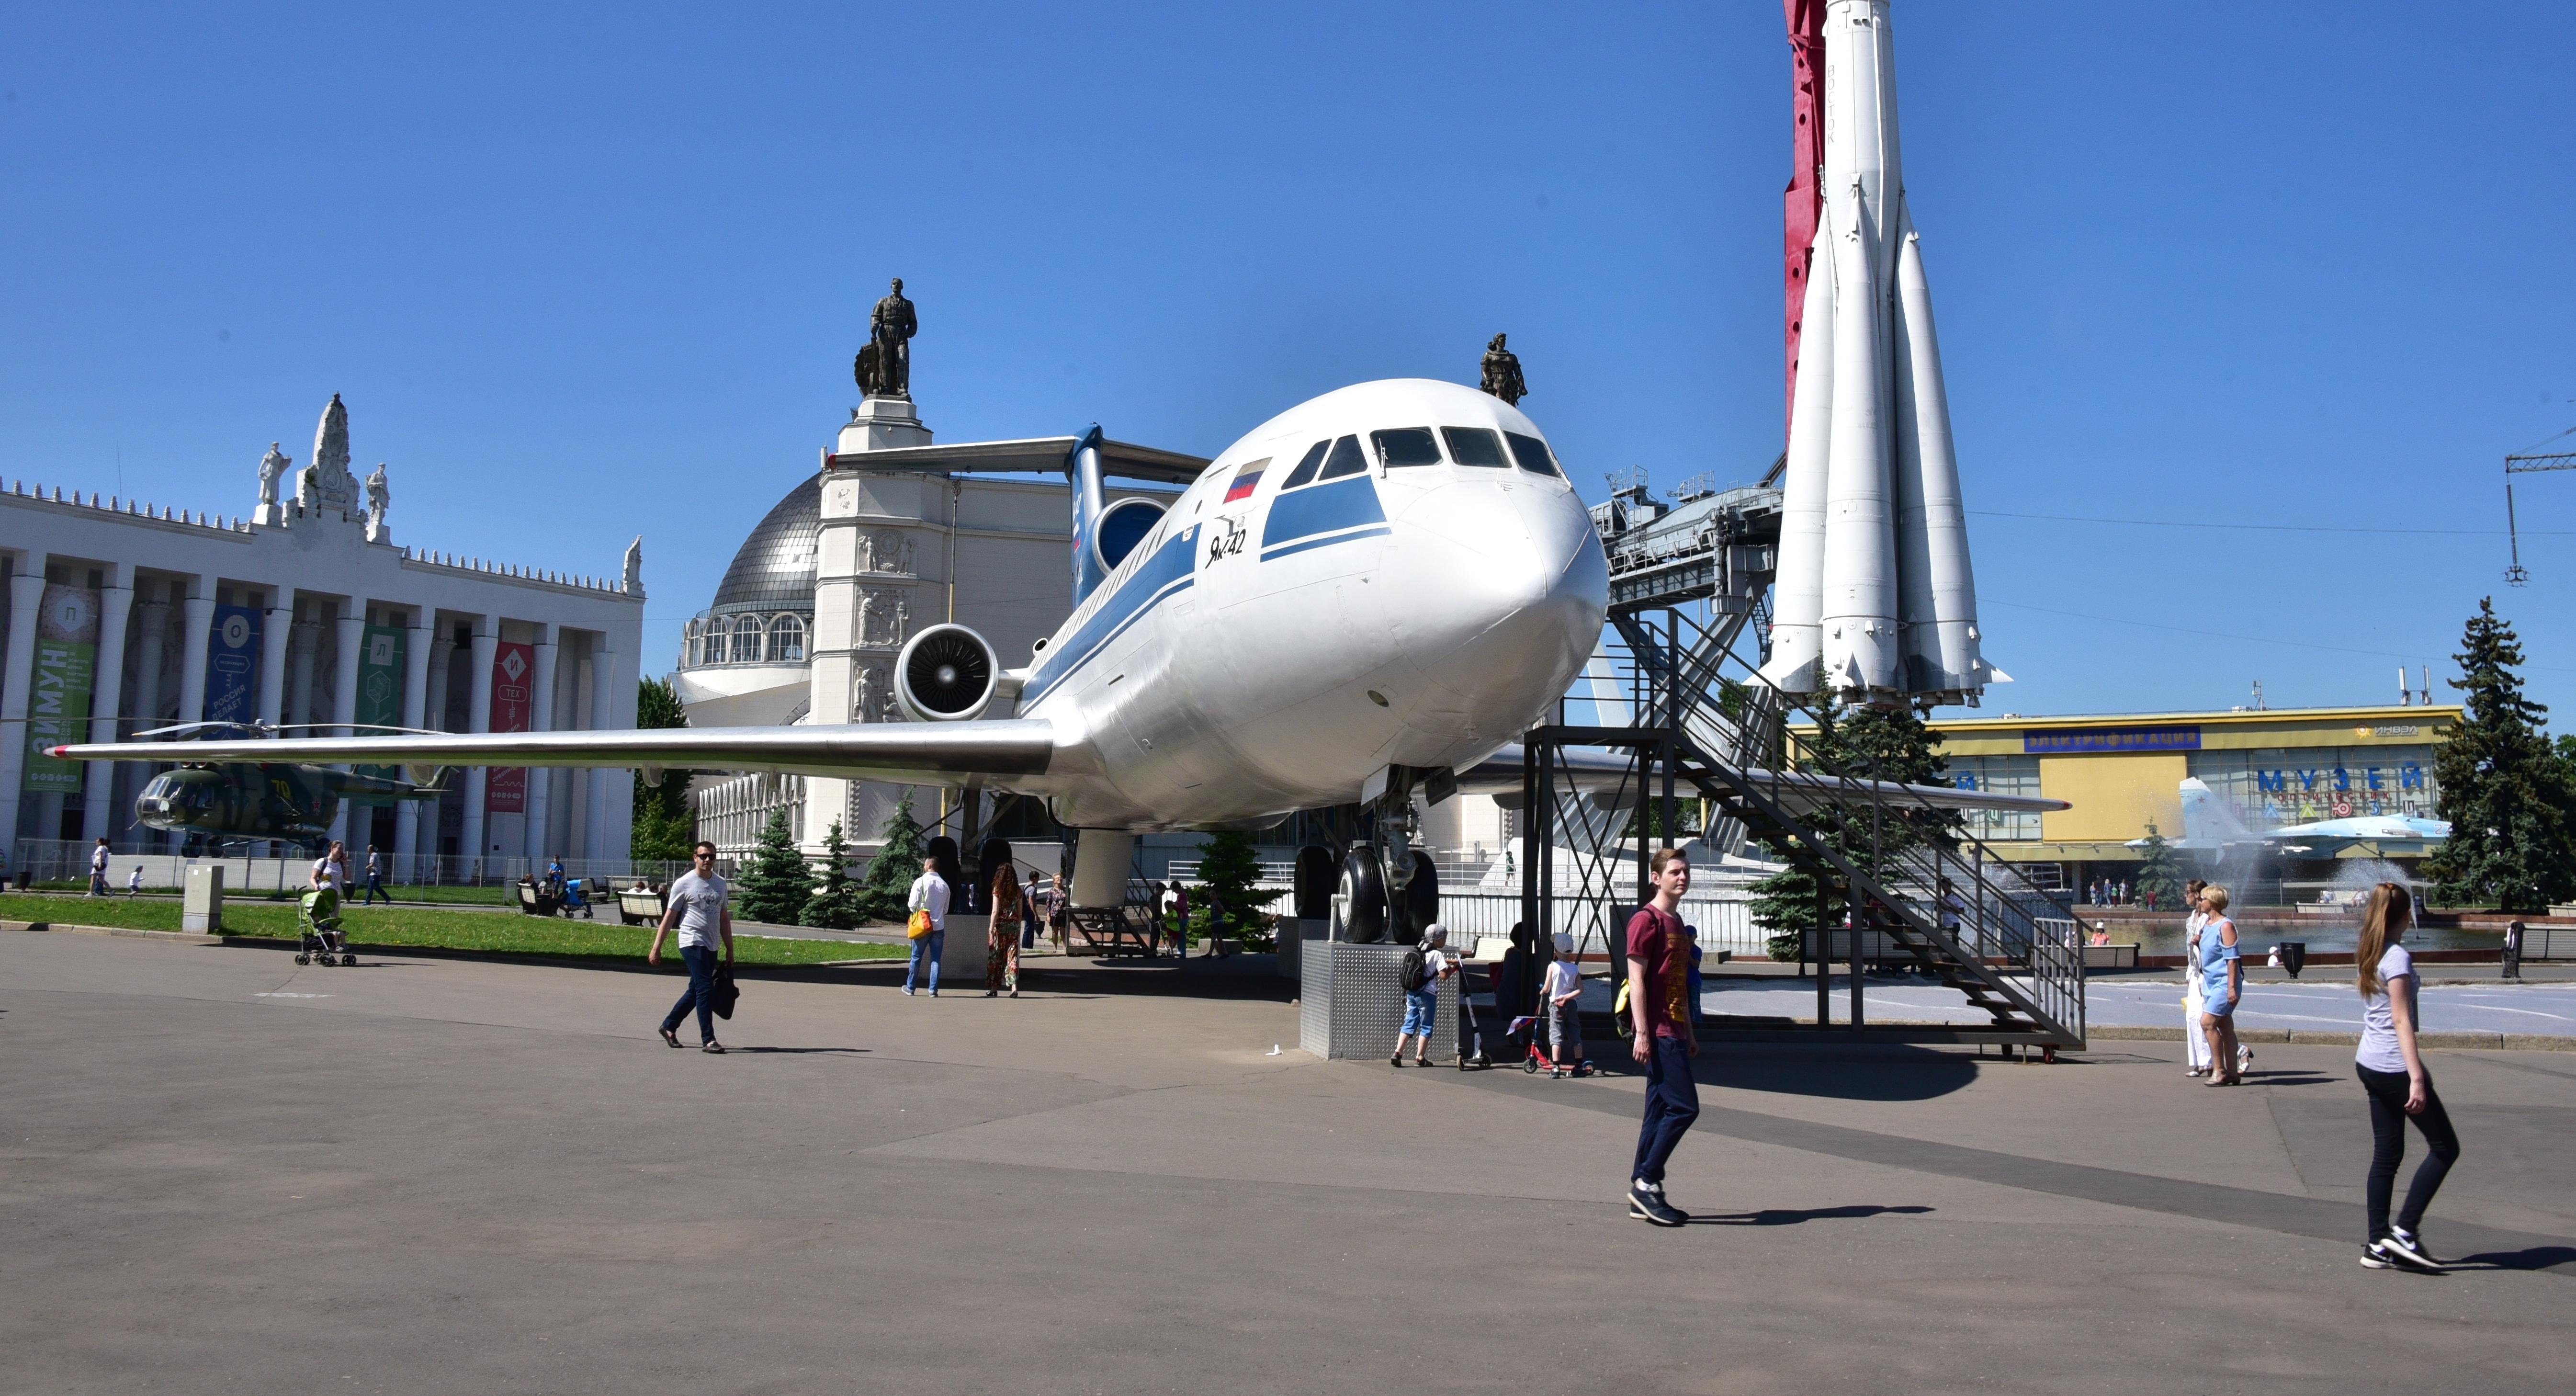 Москвичей пригласили на «Космическую эстафету» в самолете Як-42